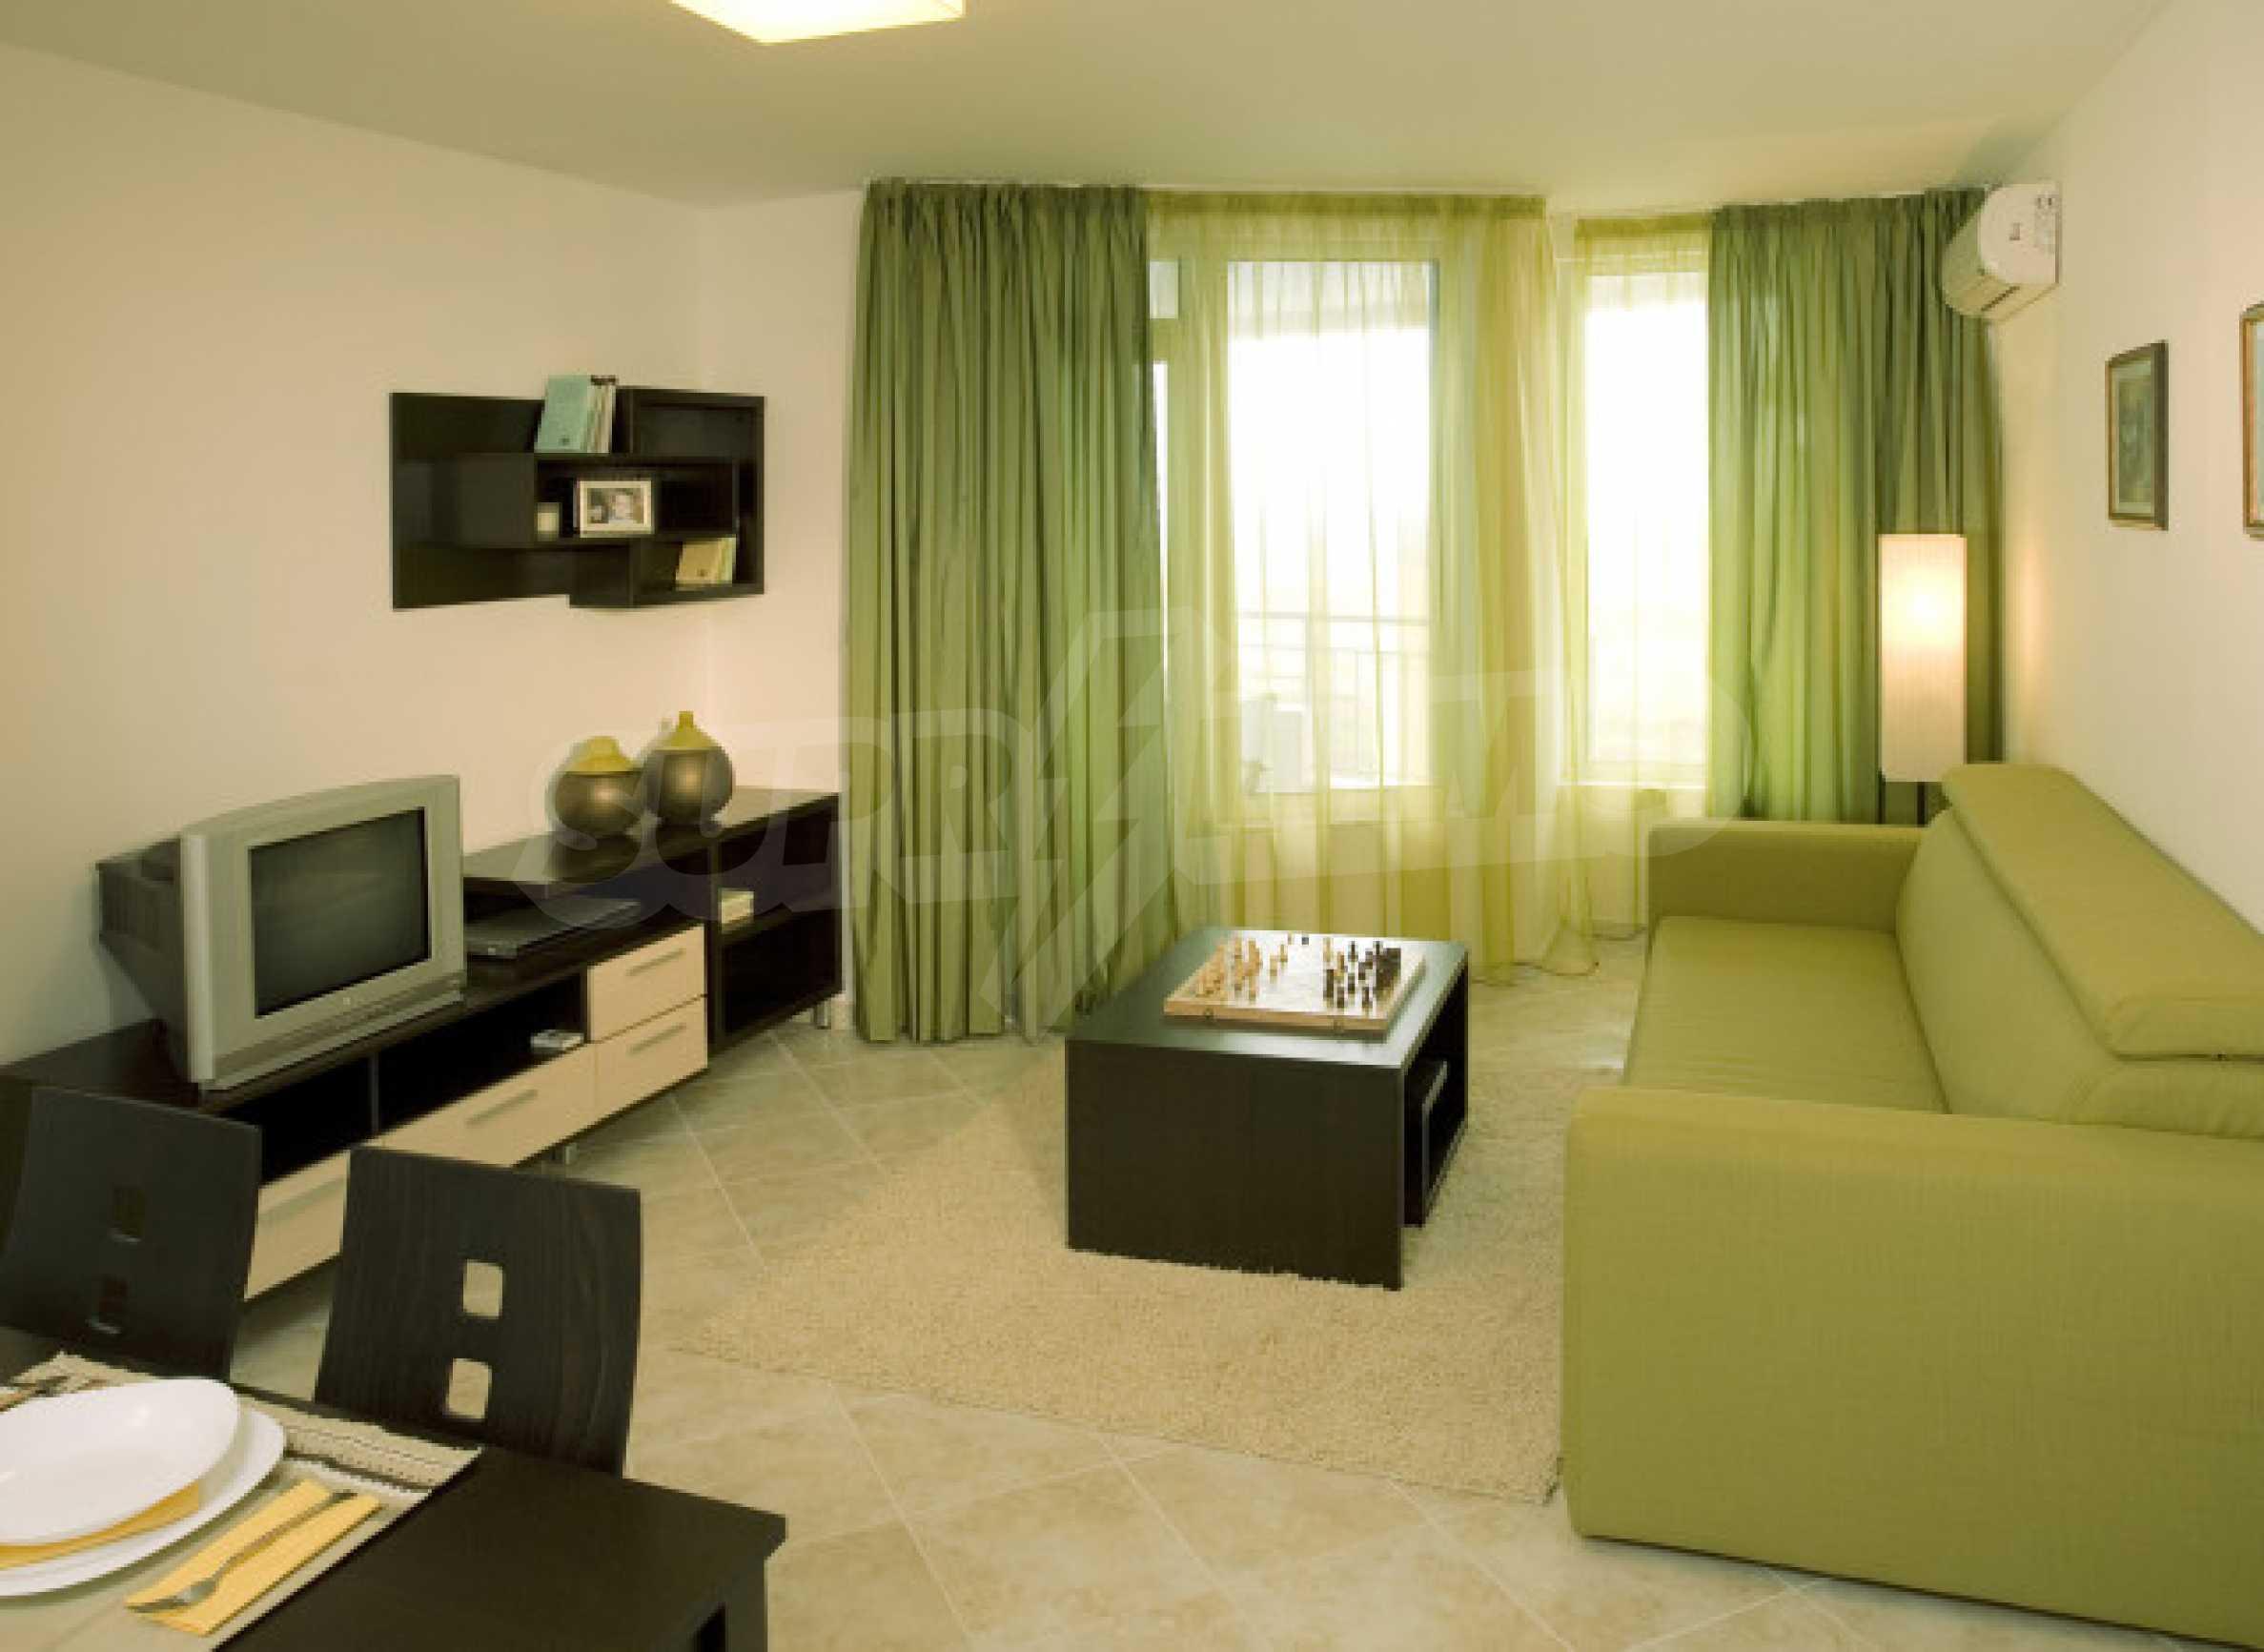 Sunset Kosharitsa - Apartments in einem attraktiven Berg- und Seekomplex, 5 Autominuten vom Sonnenstrand entfernt 51